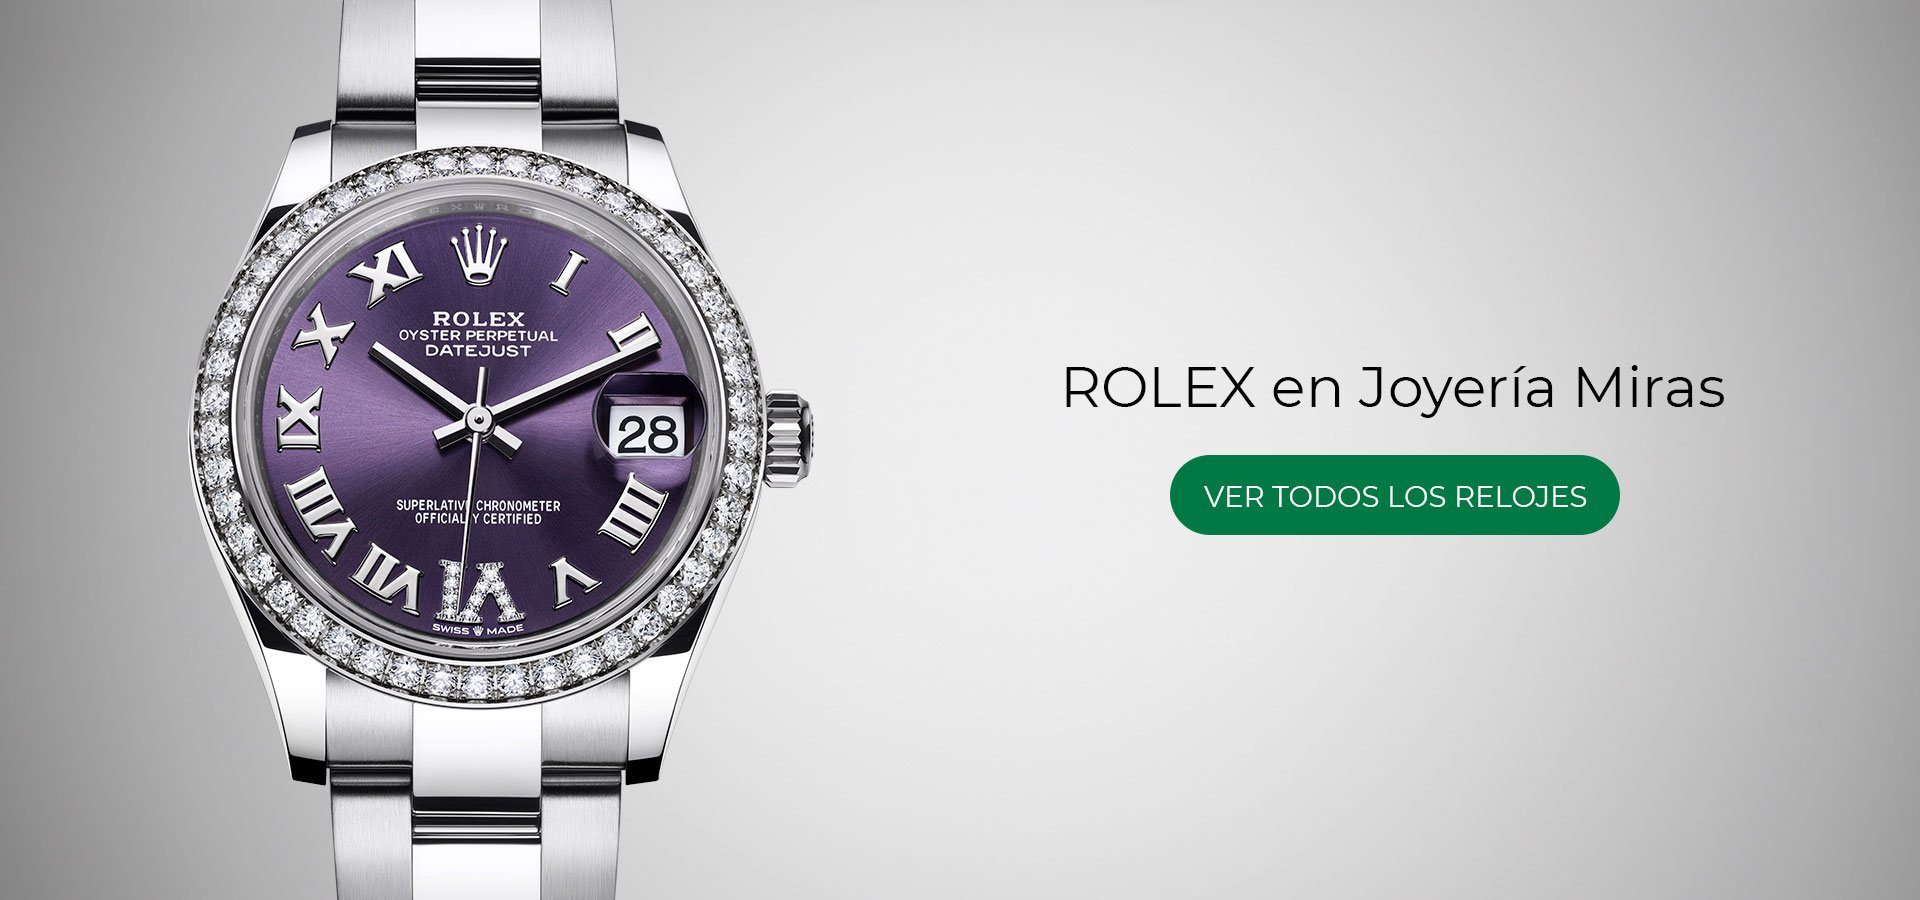 rolex-joyeria-miras-1120